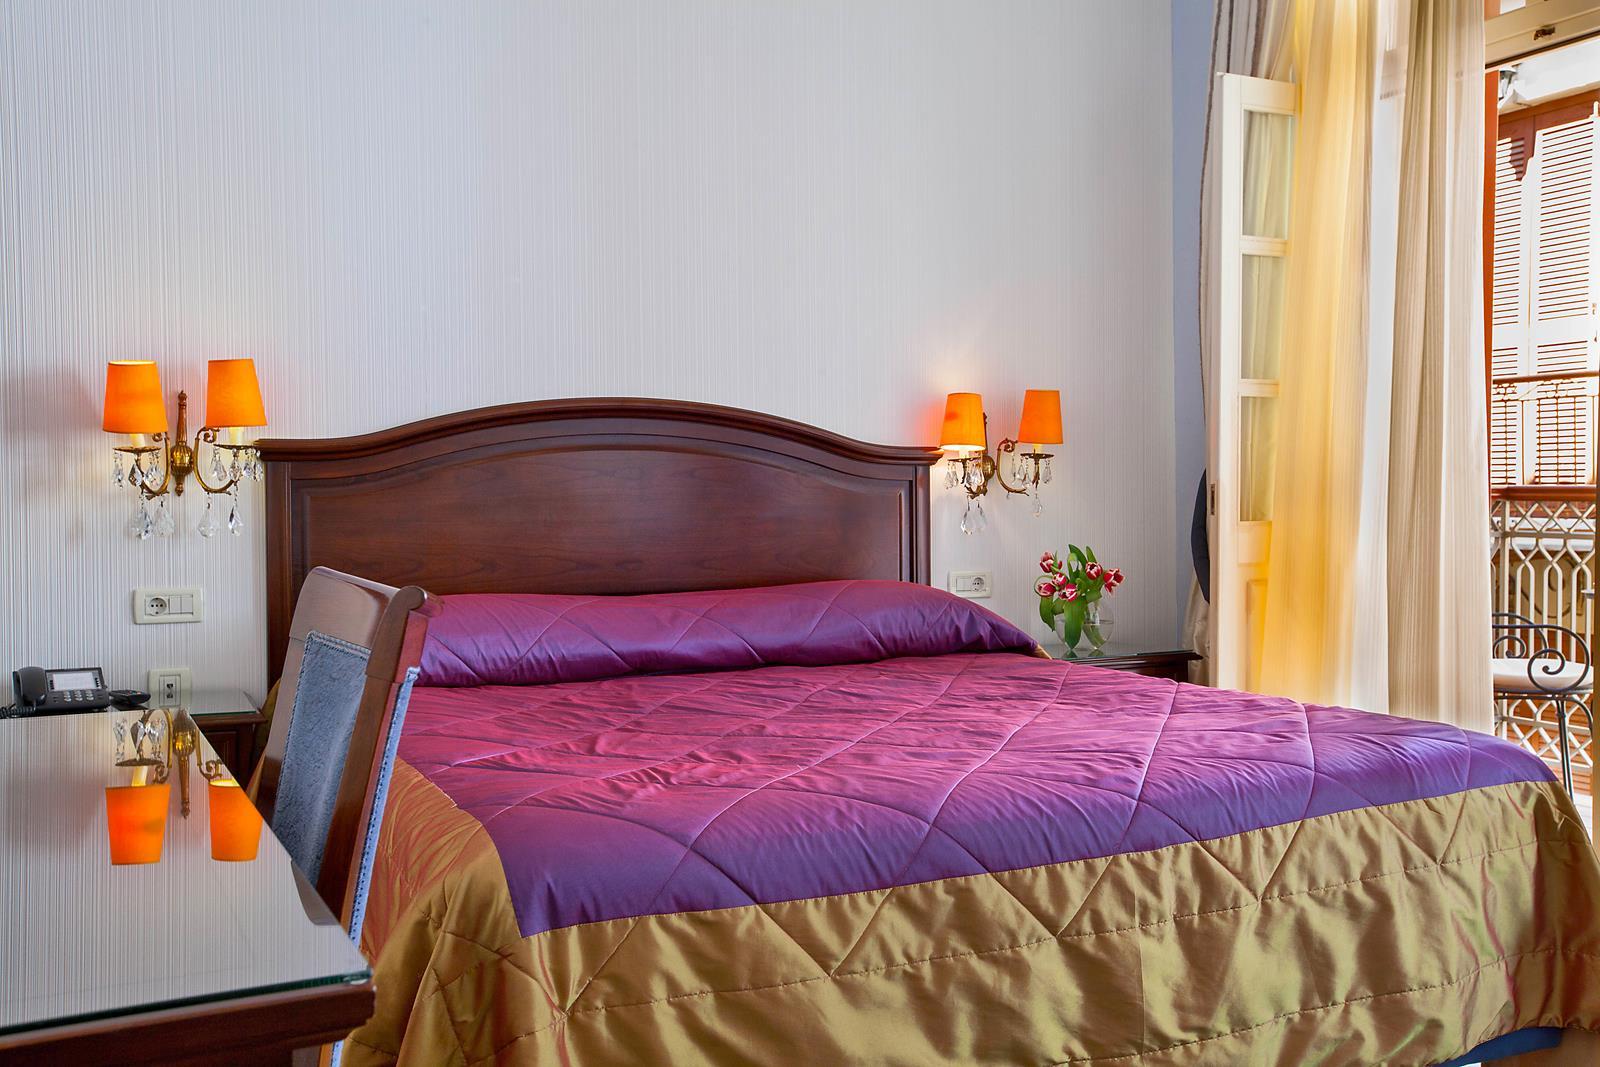 ξενώνας ναύπλιο - Aetoma hotel